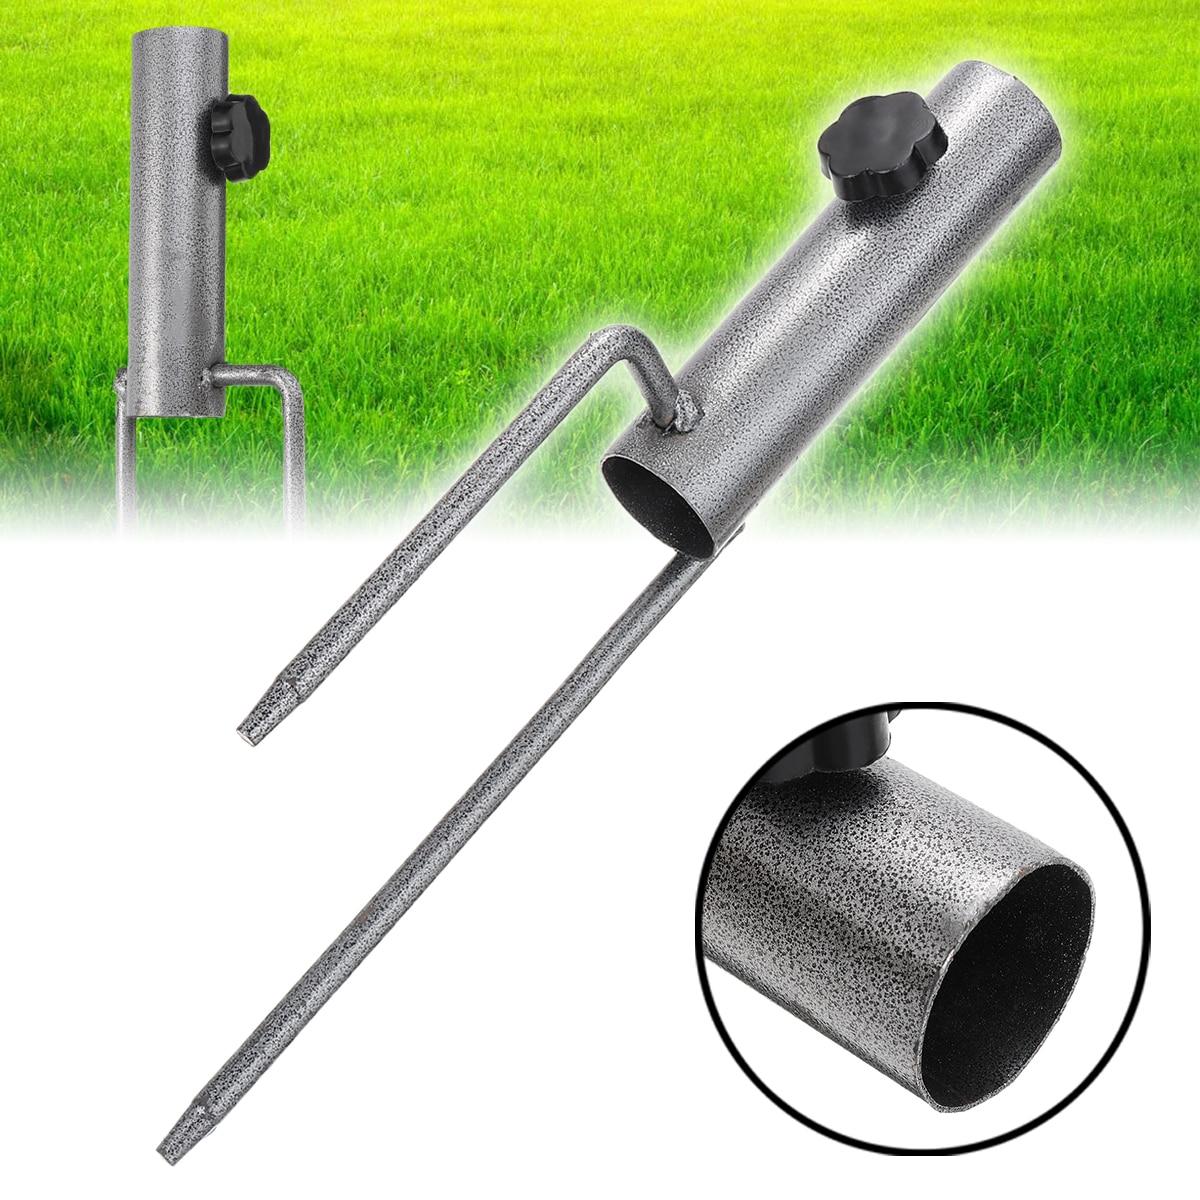 1PC Outdoor Sonnenschutz Regenschirme Halter Stehen Sonnenschirm Halter Stehen Metall Rasen Boden Einsatz Stabilisator